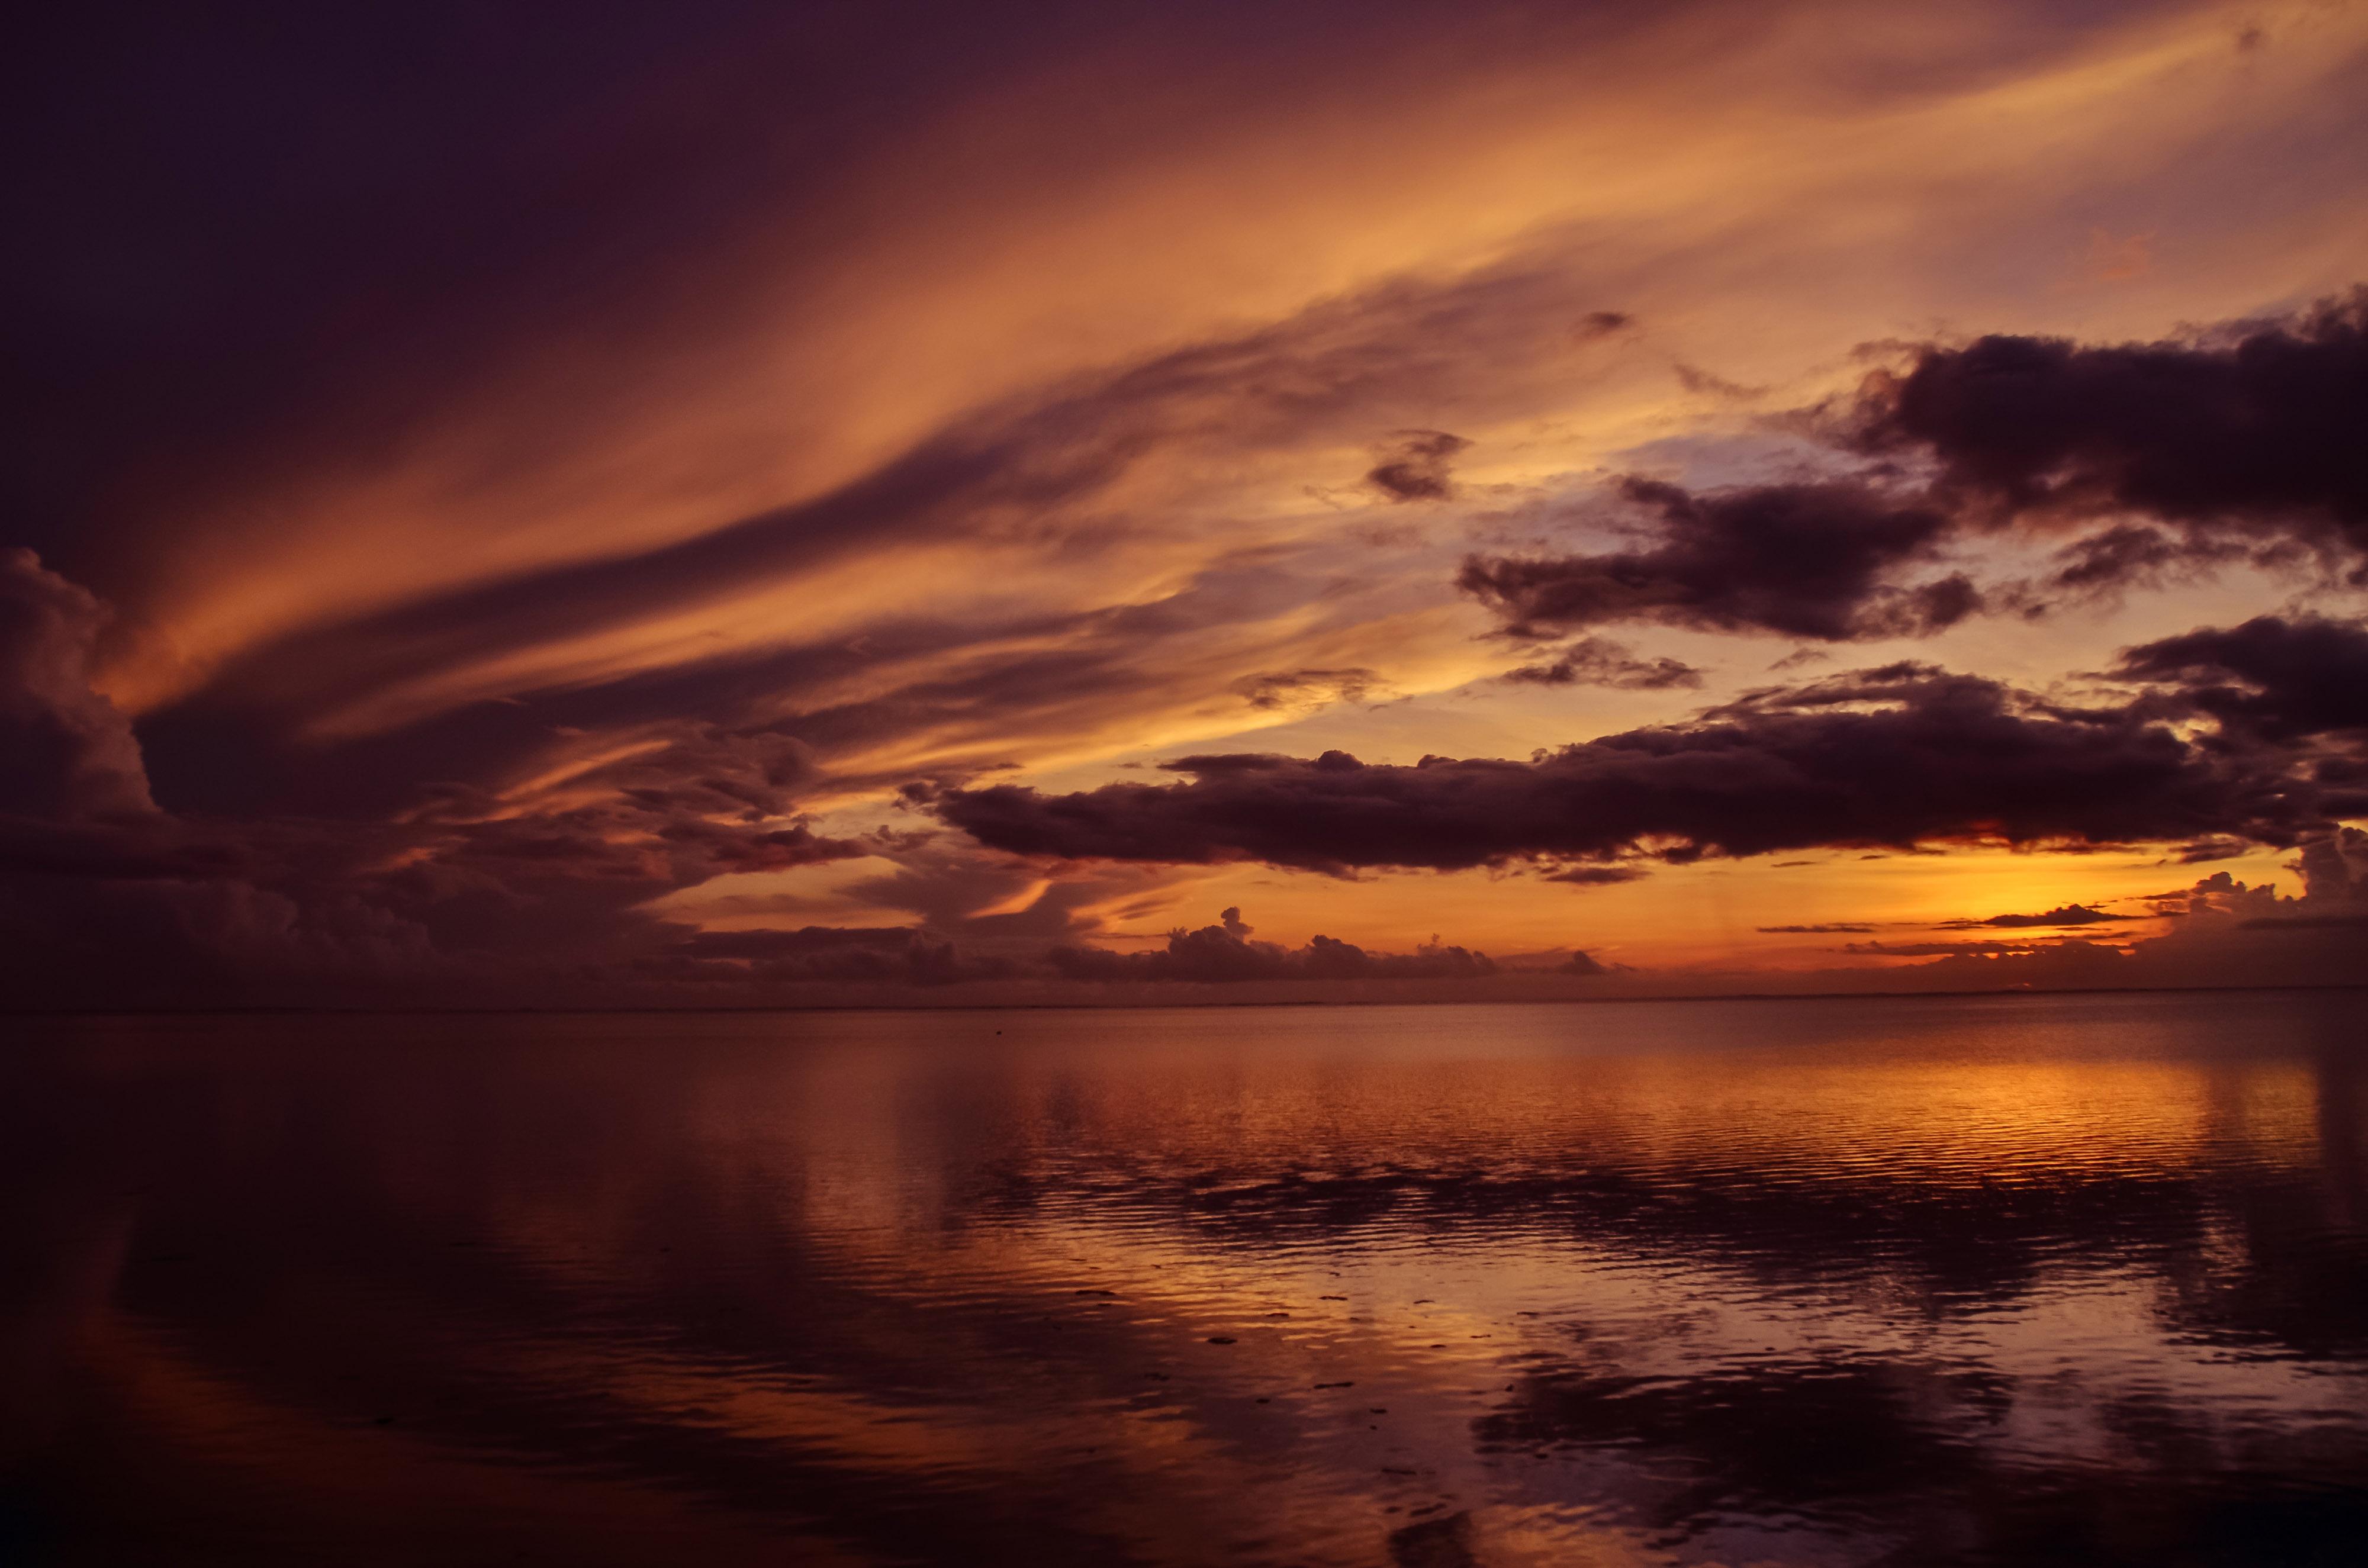 Le Morne, Mauritius - Xavier Coiffic